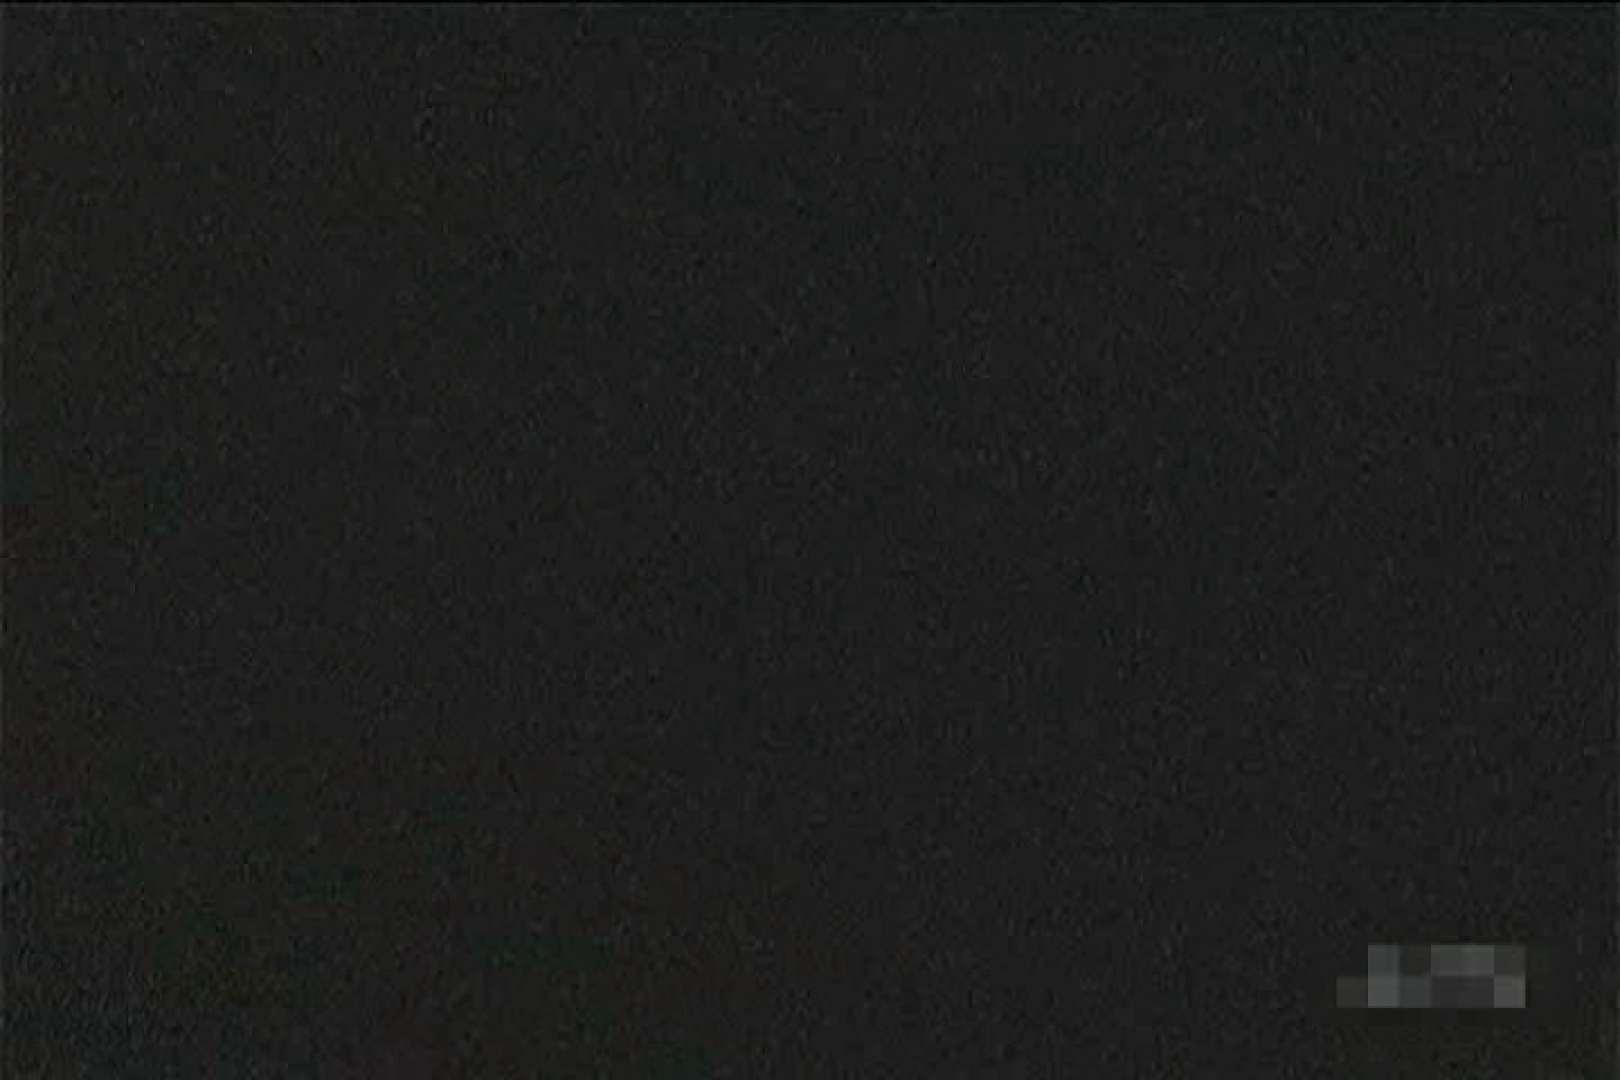 激撮ストーカー記録あなたのお宅拝見しますVol.8 盗撮特集 のぞき動画キャプチャ 96画像 21